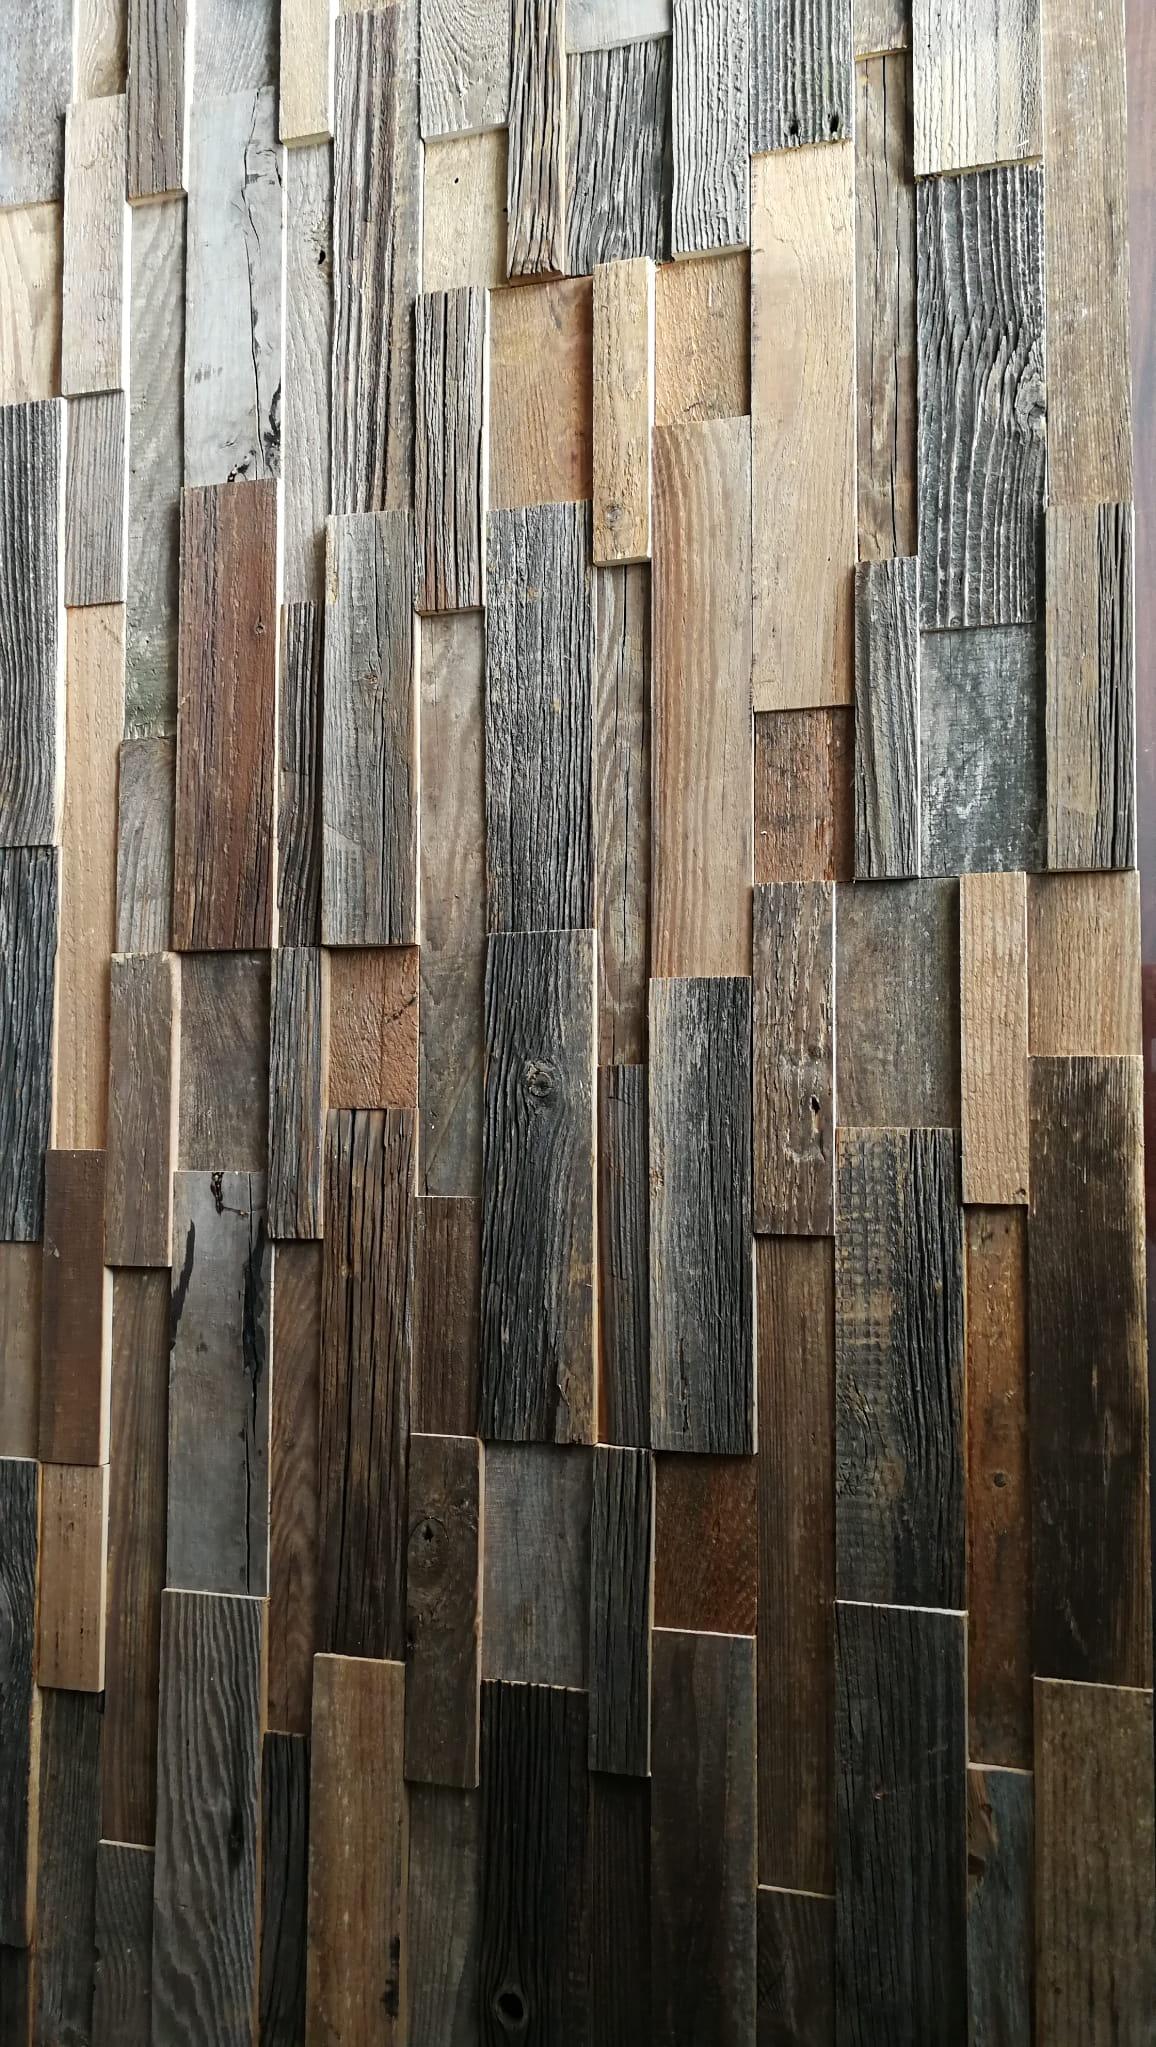 Panele ścienne Drewniane 3d Stare Drewno Wooden Wall Darmowa Wysyłka